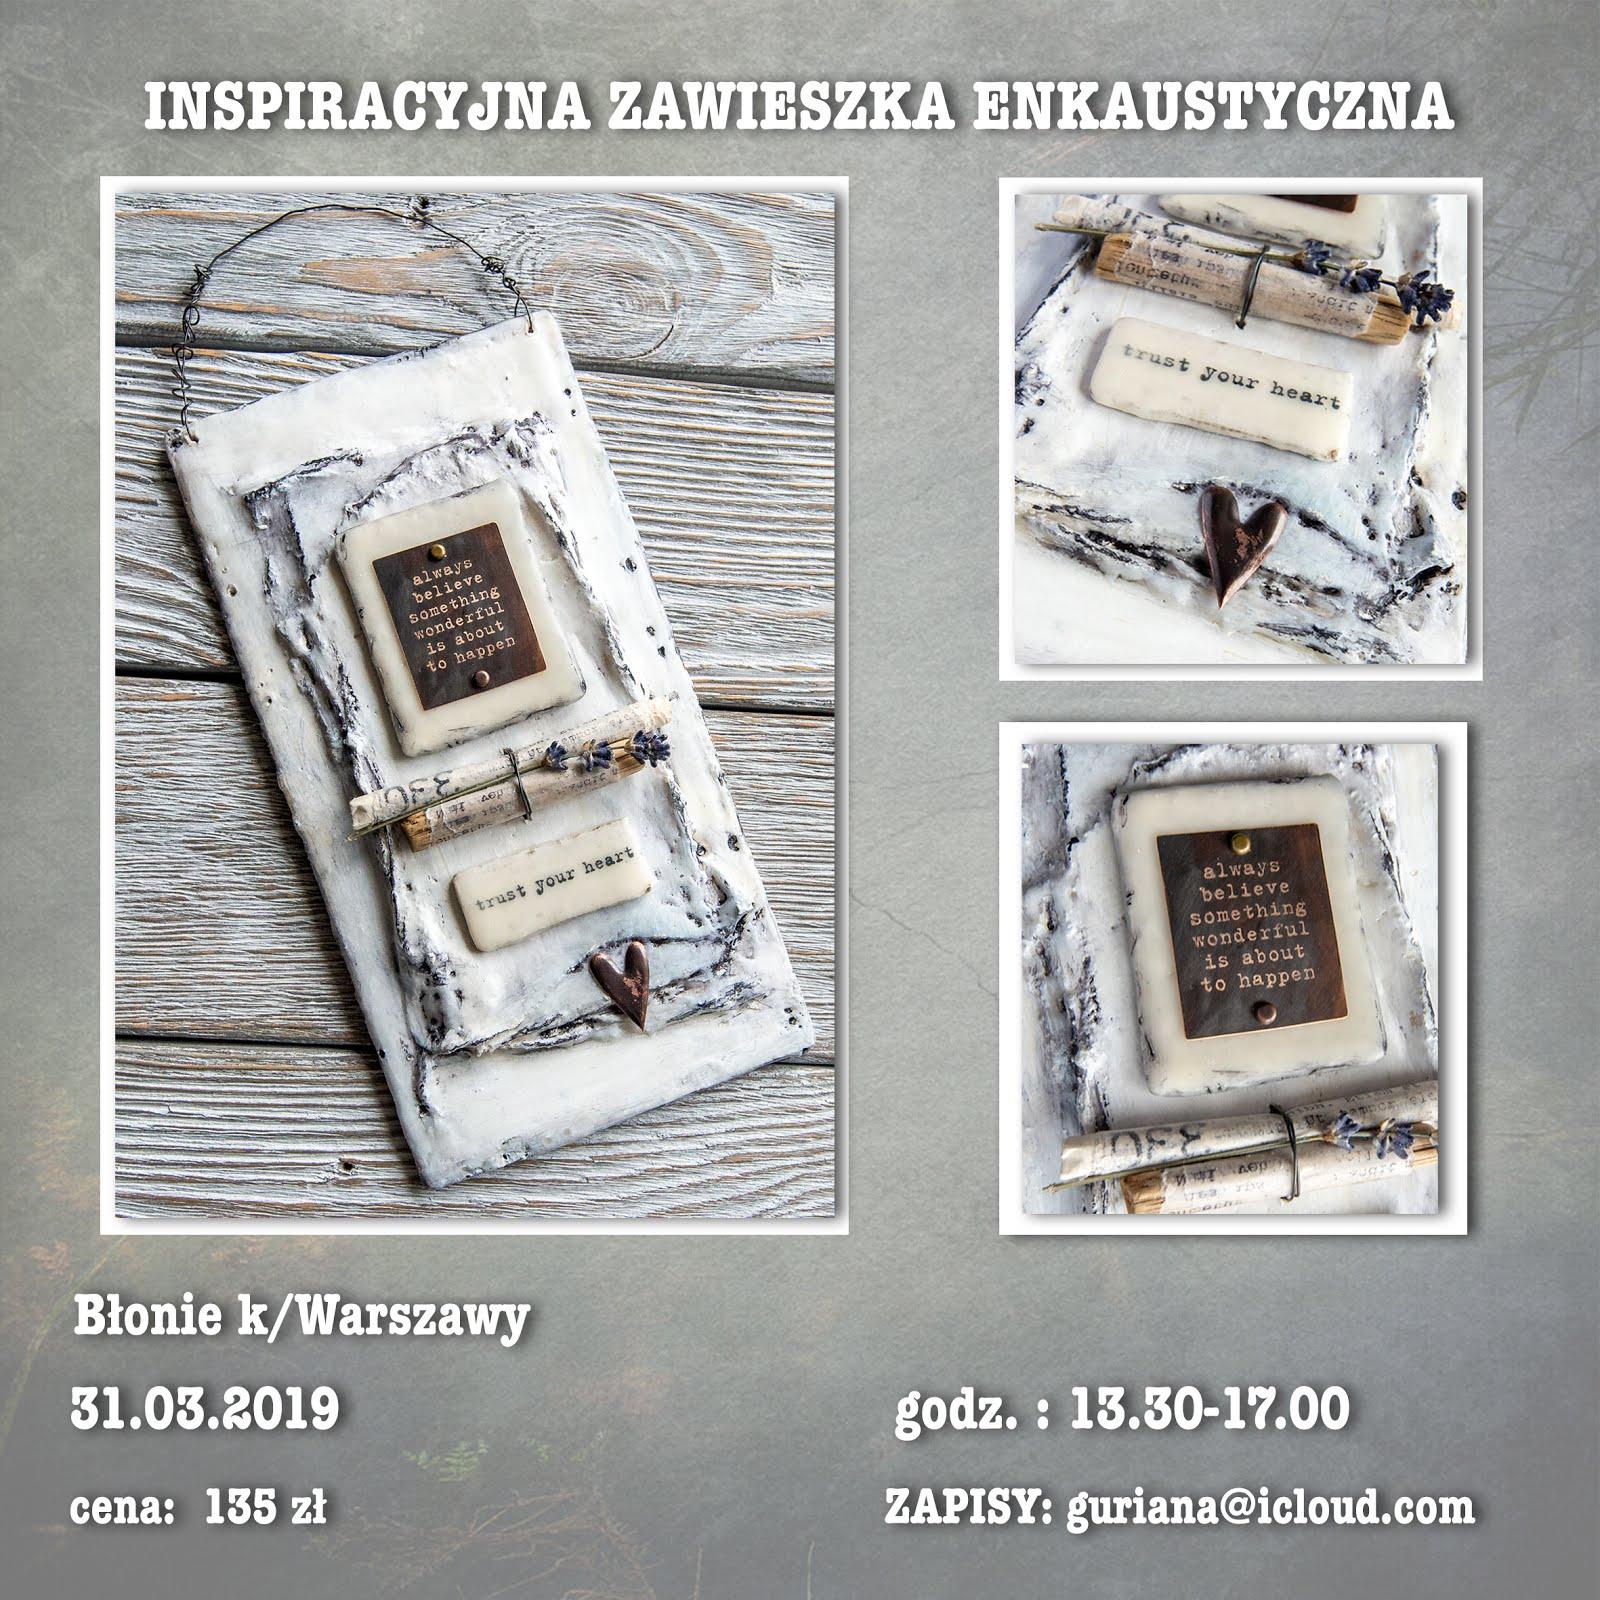 Błonie k/Warszawy Enkaustyczna zawieszka inspiracyjna